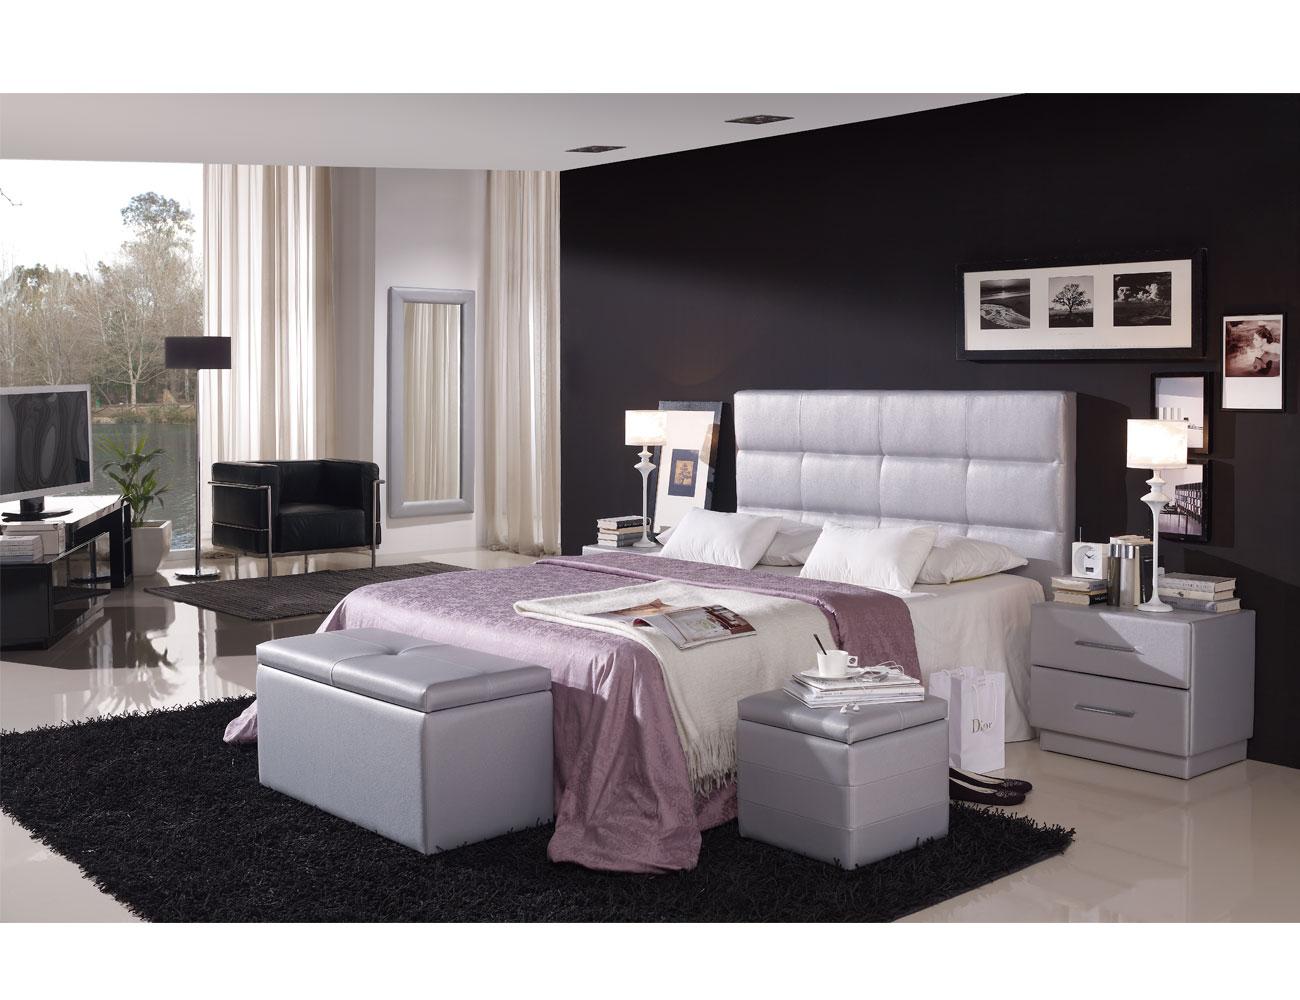 23 marco tapizado dormitorio91